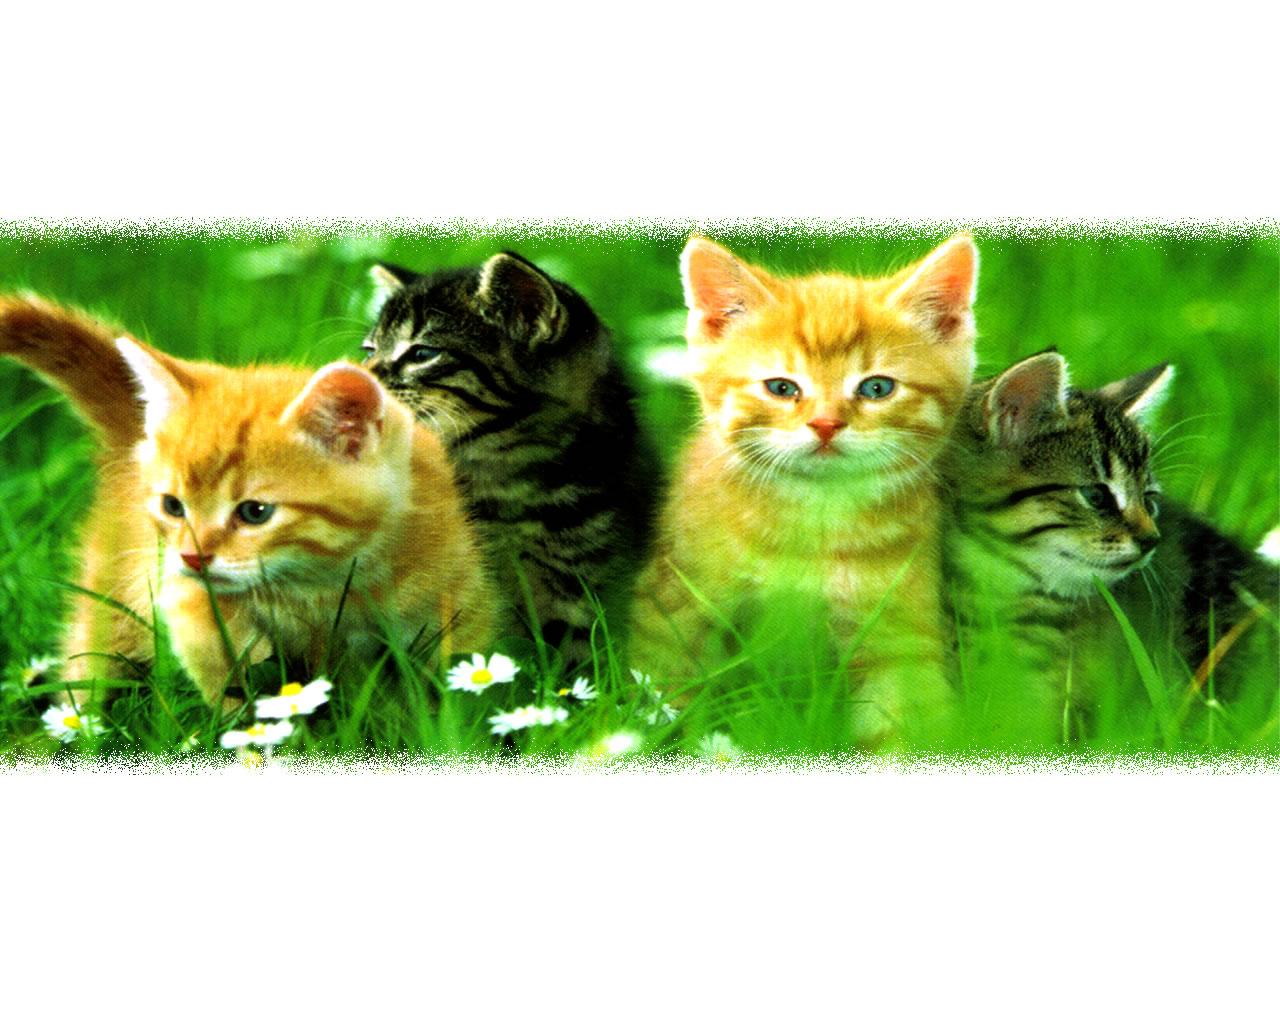 download wallpaper: katten zitten in het gras wallpaper